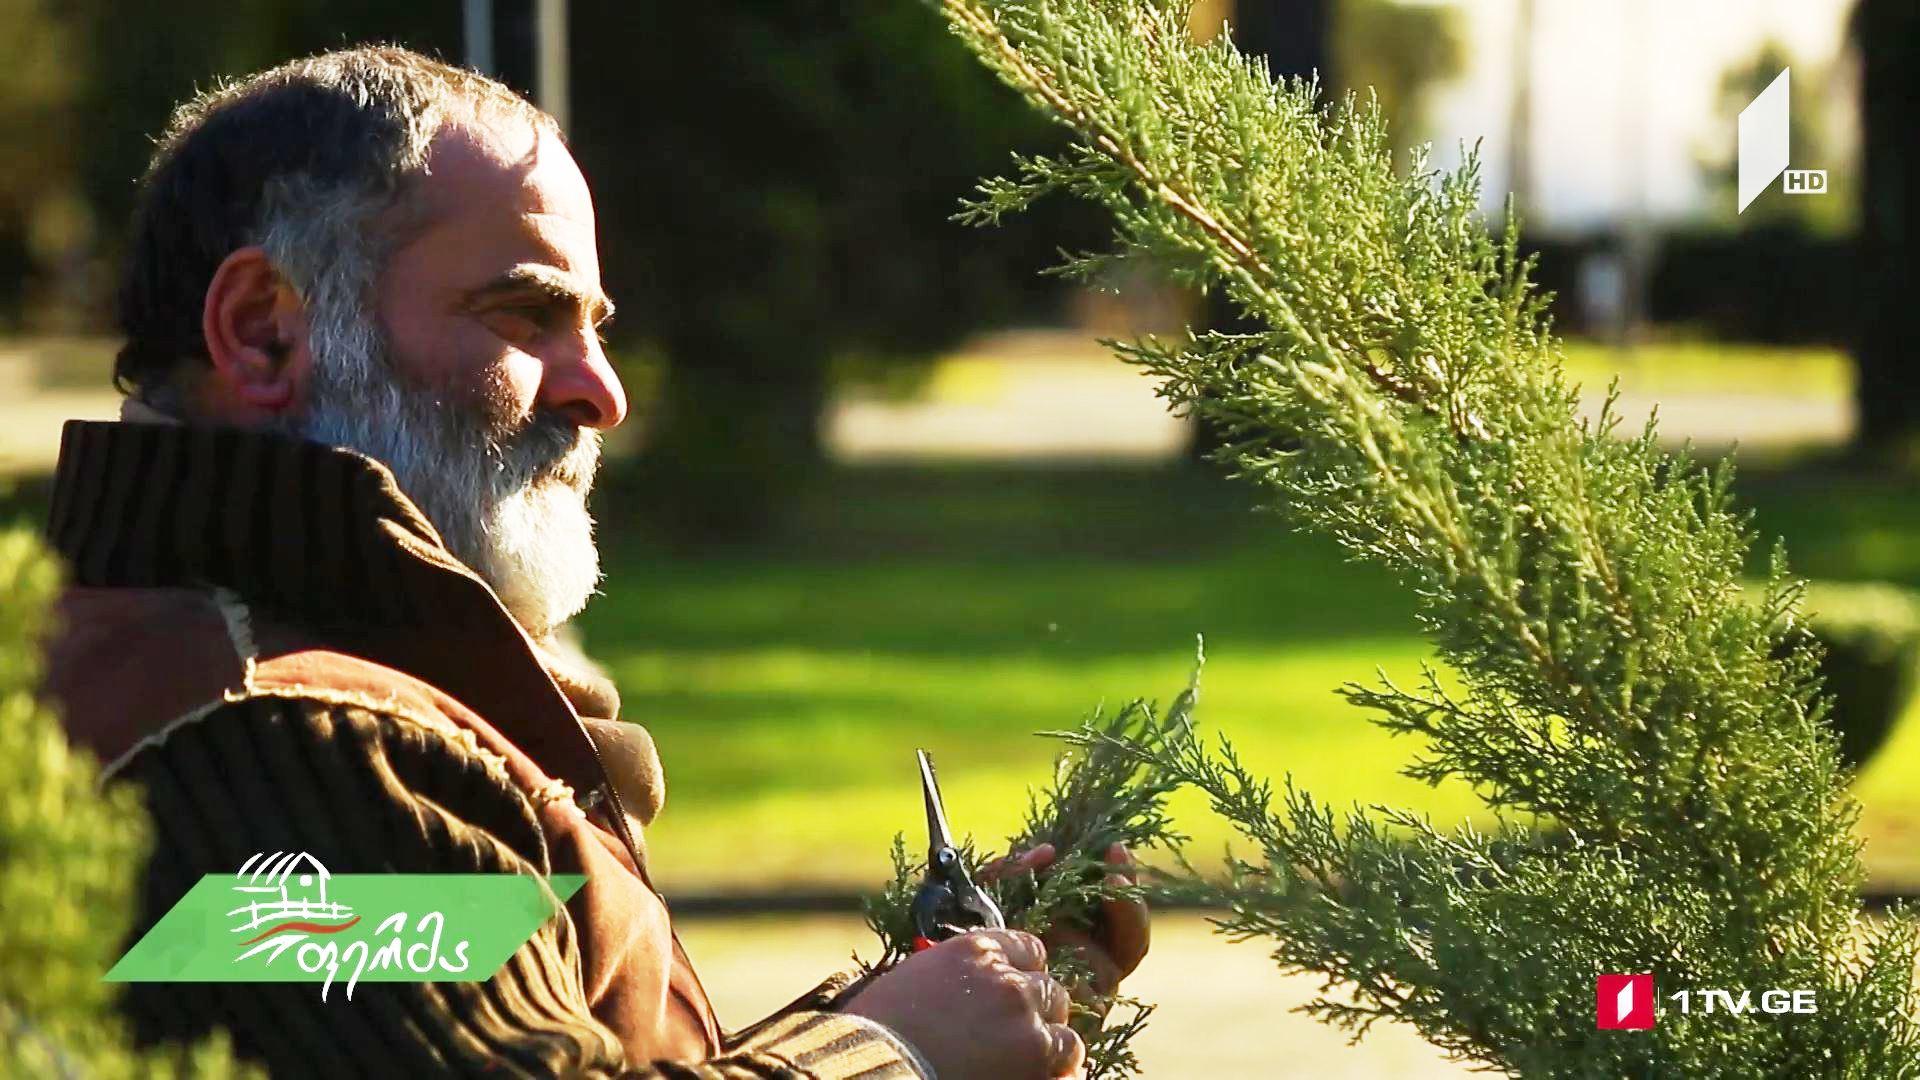 #არტიშოკი საფრანგეთიდან ჩამოტანილი და ზუგდიდში გახარებული დეკორატიული მცენარეები - გაიცანით გადაცემის უნიკალური გმირი, ბესო ჭითანავა